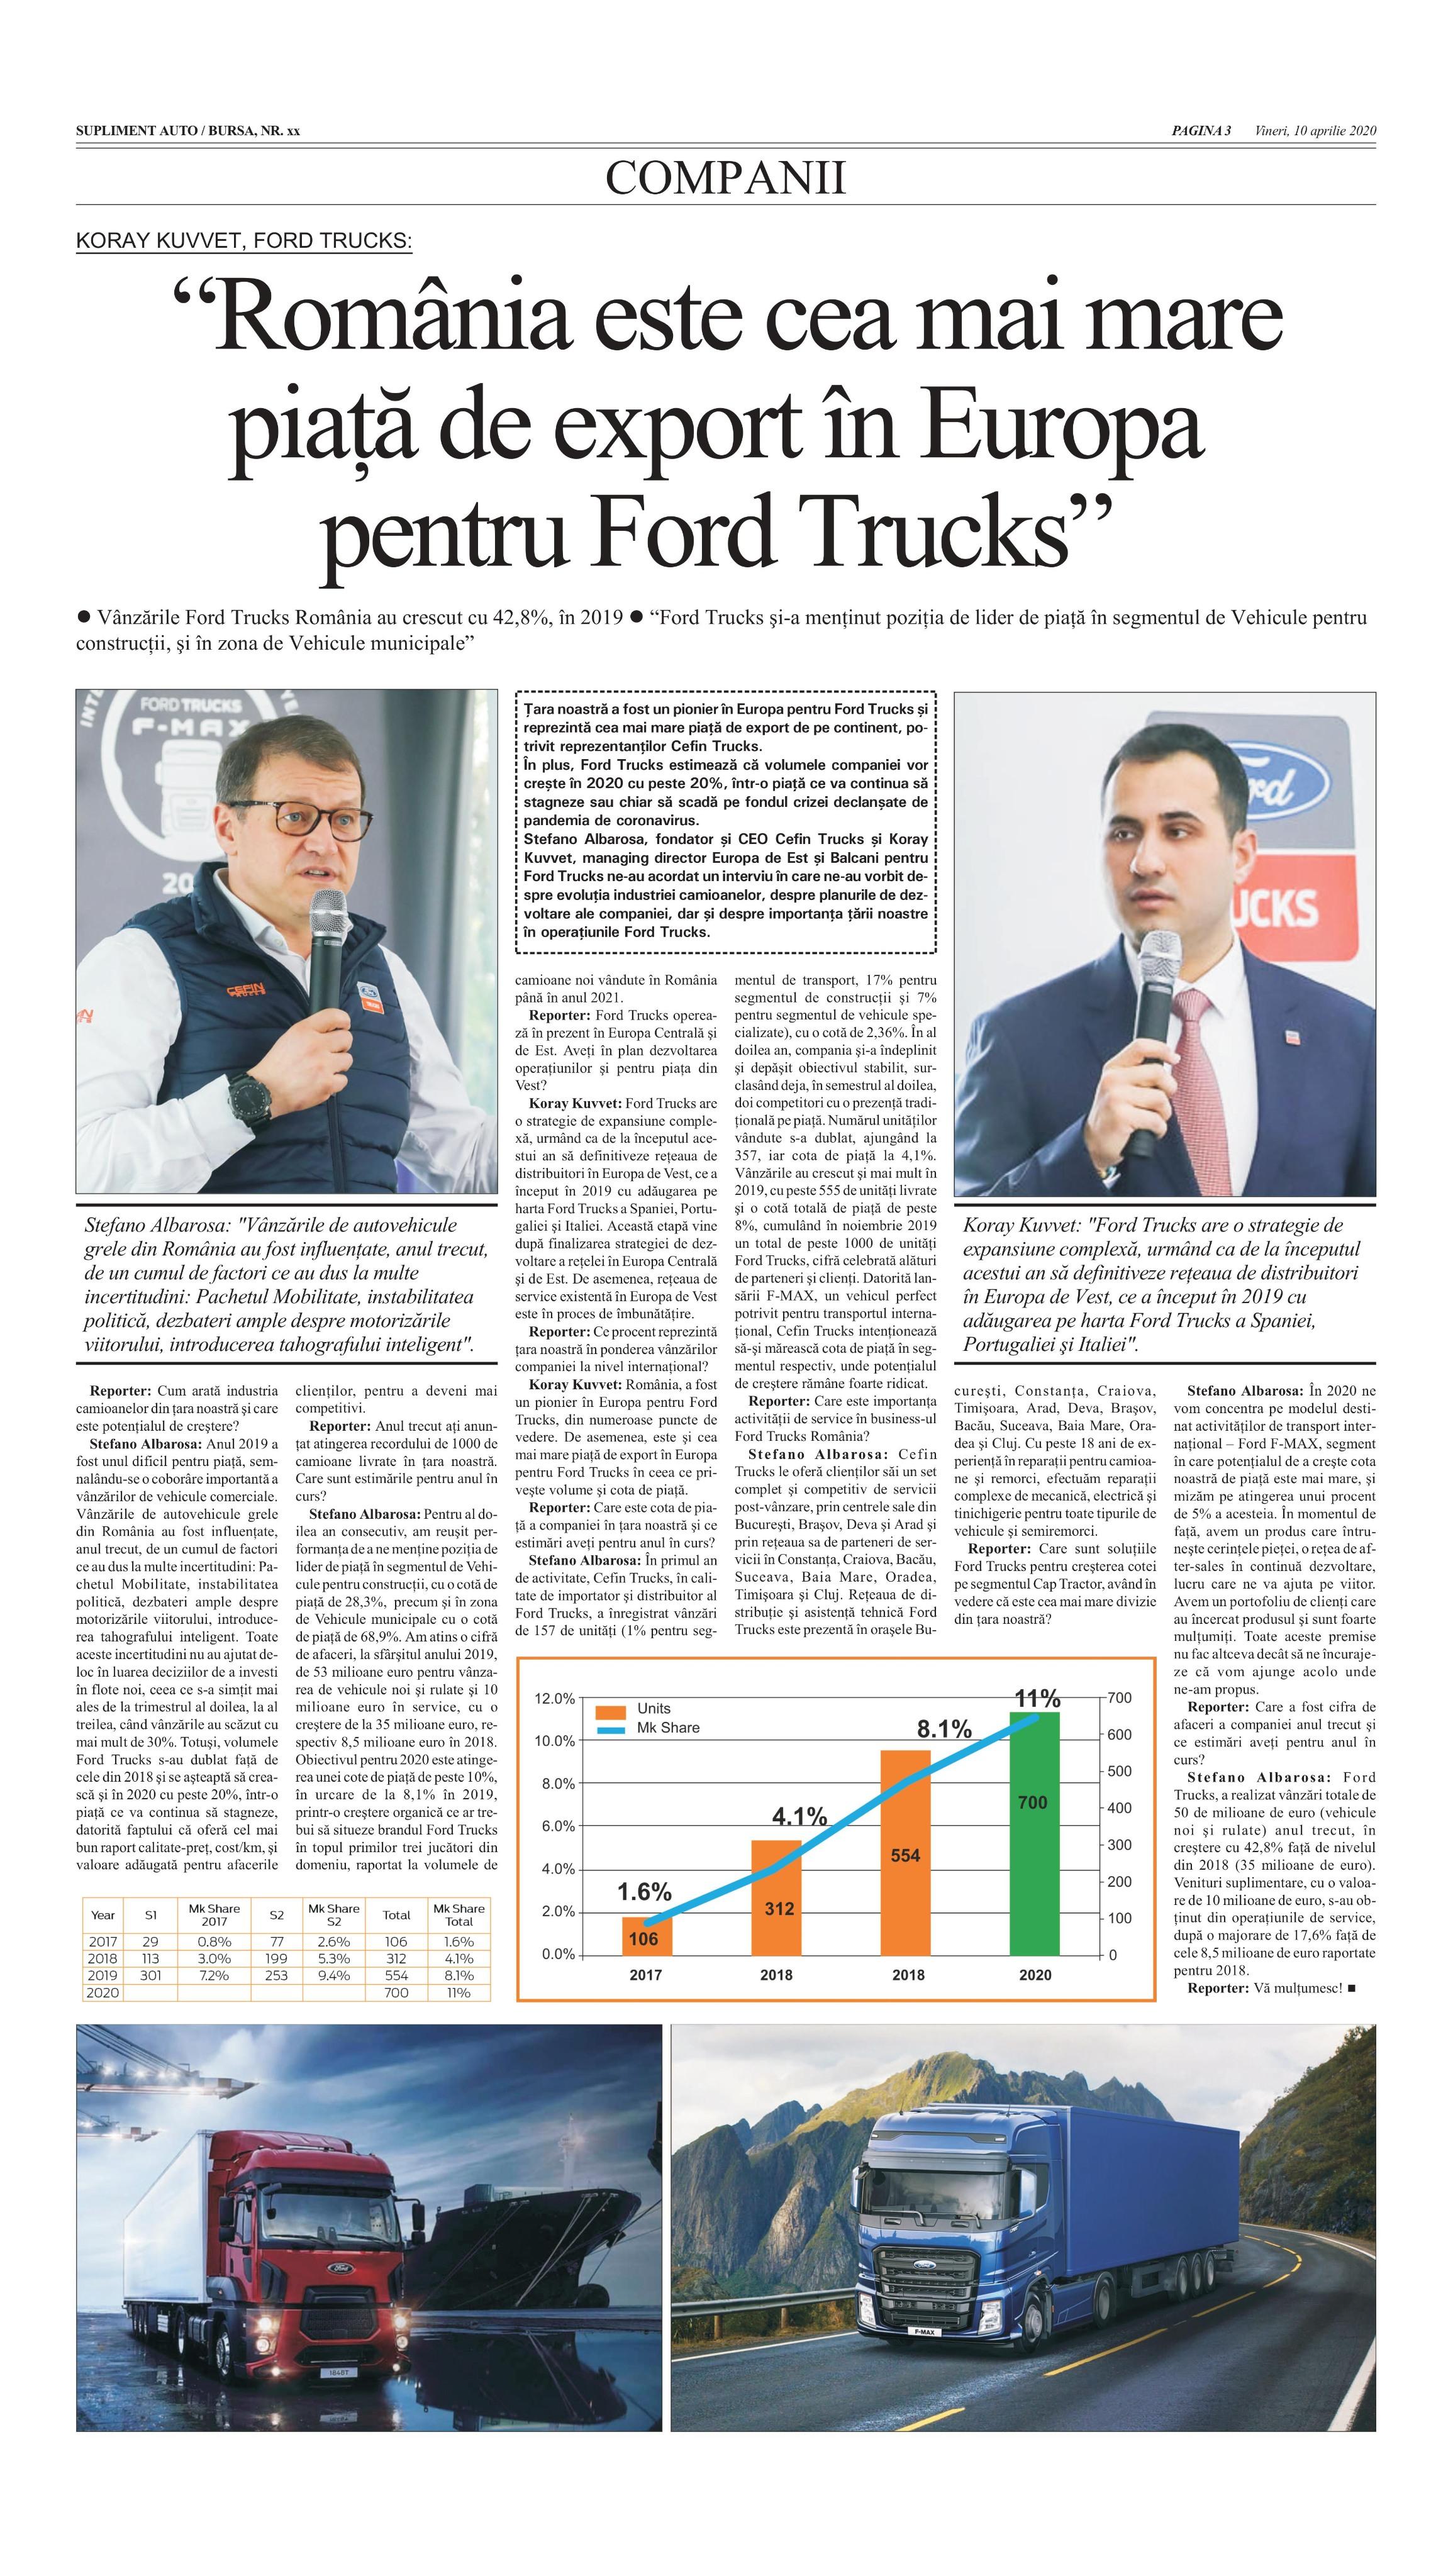 PRESA - BURSA - Romania este cea mai mare piata de export in Europa pentru Ford Trucks